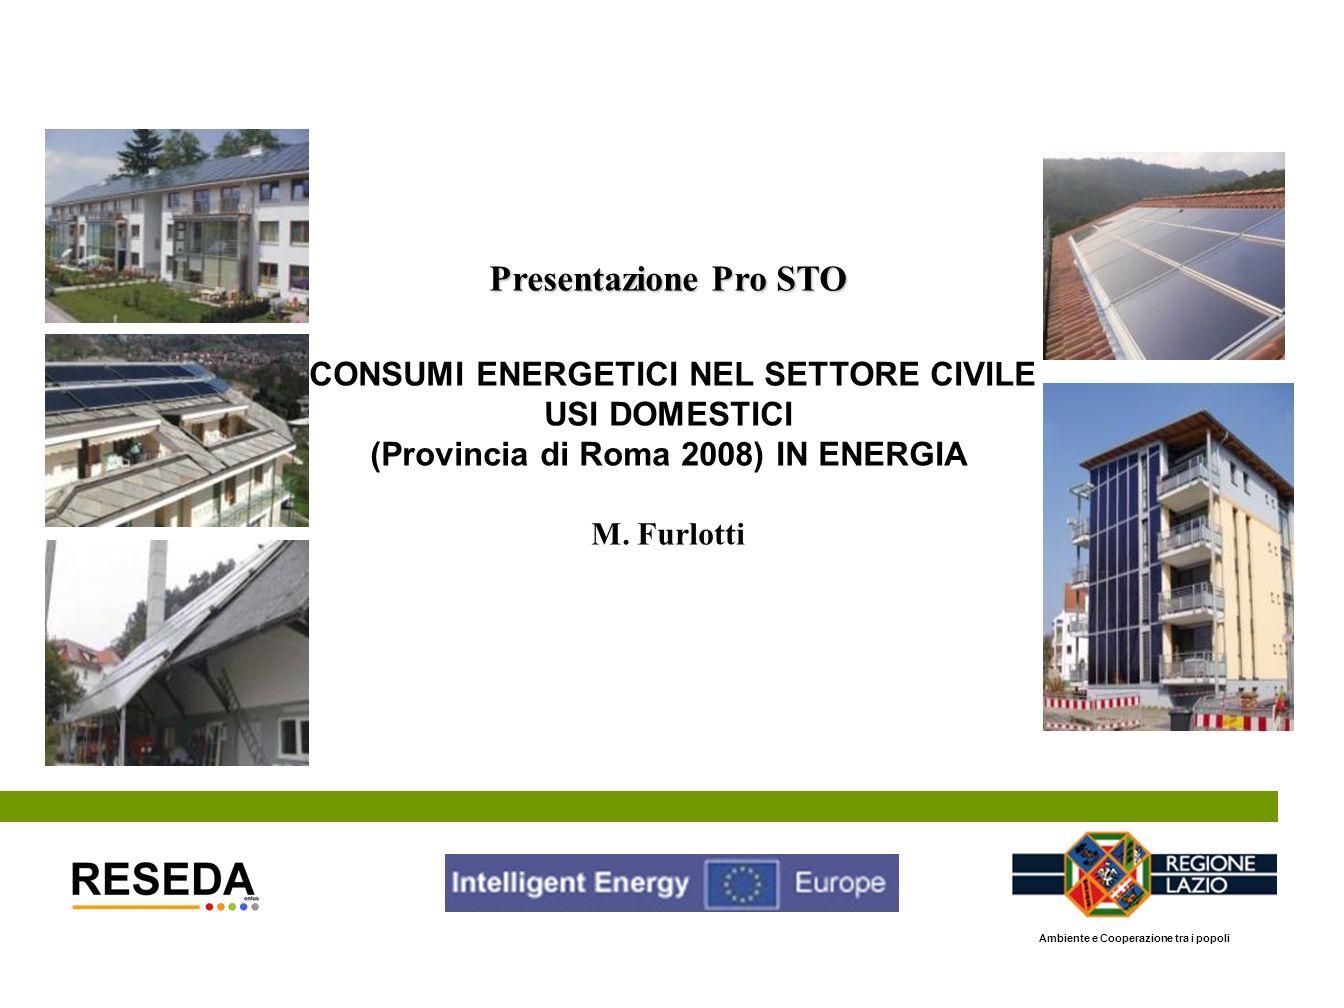 Presentazione Pro STO CONSUMI ENERGETICI NEL SETTORE CIVILE USI DOMESTICI (Provincia di Roma 2008) IN ENERGIA M. Furlotti Ambiente e Cooperazione tra